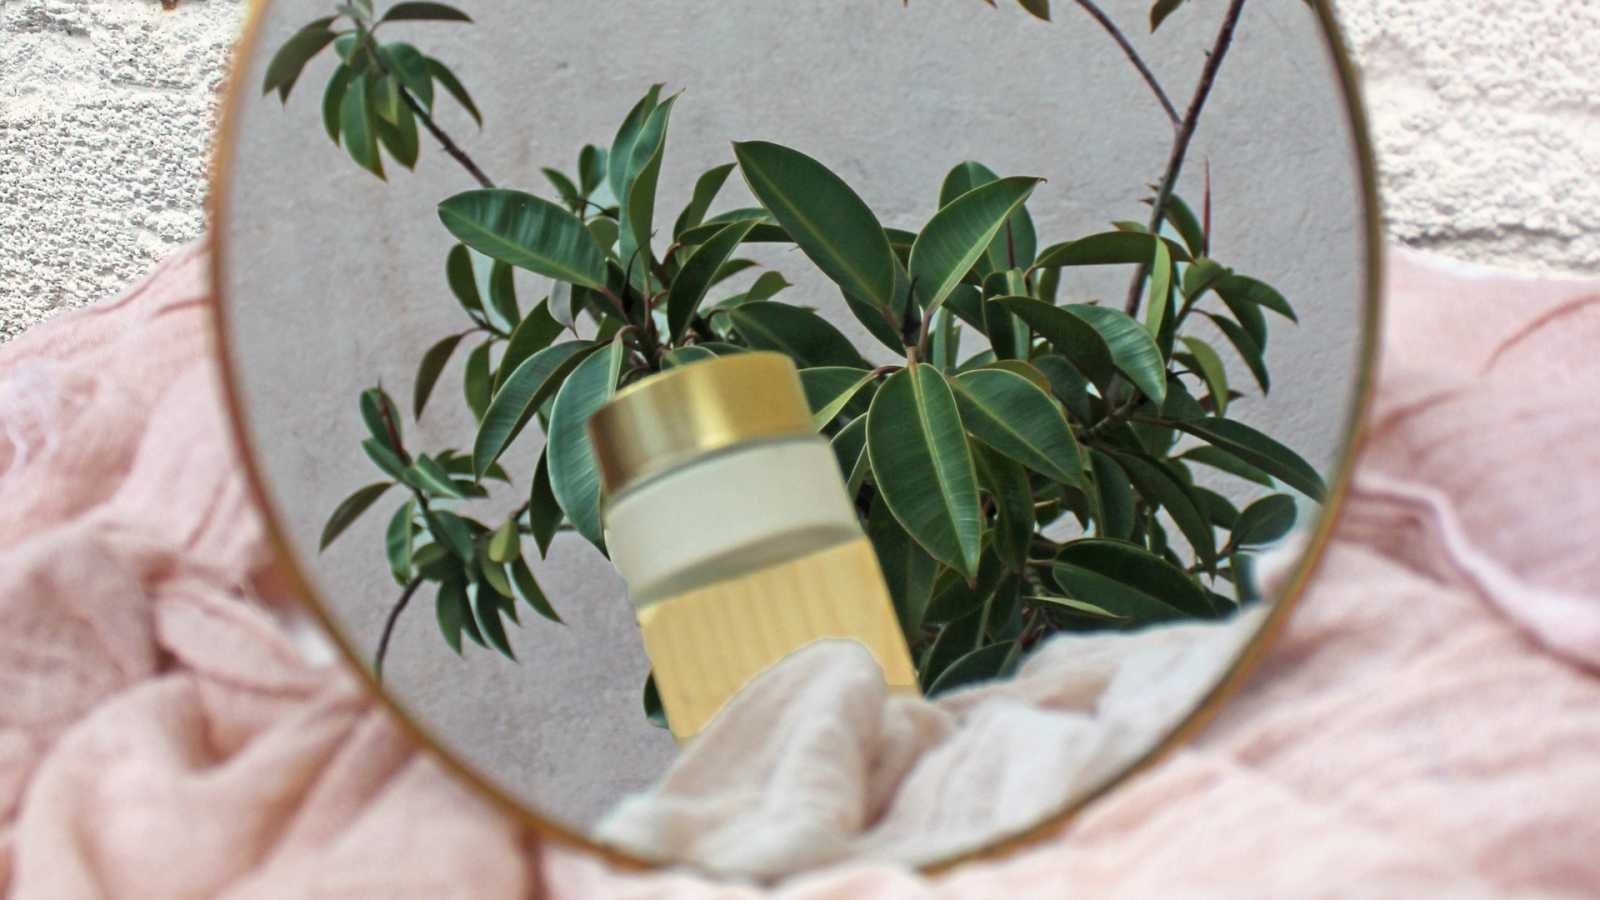 La cosmética natural es una alternativa a la cosmética convencional, más suave y libre de sustancias químicas